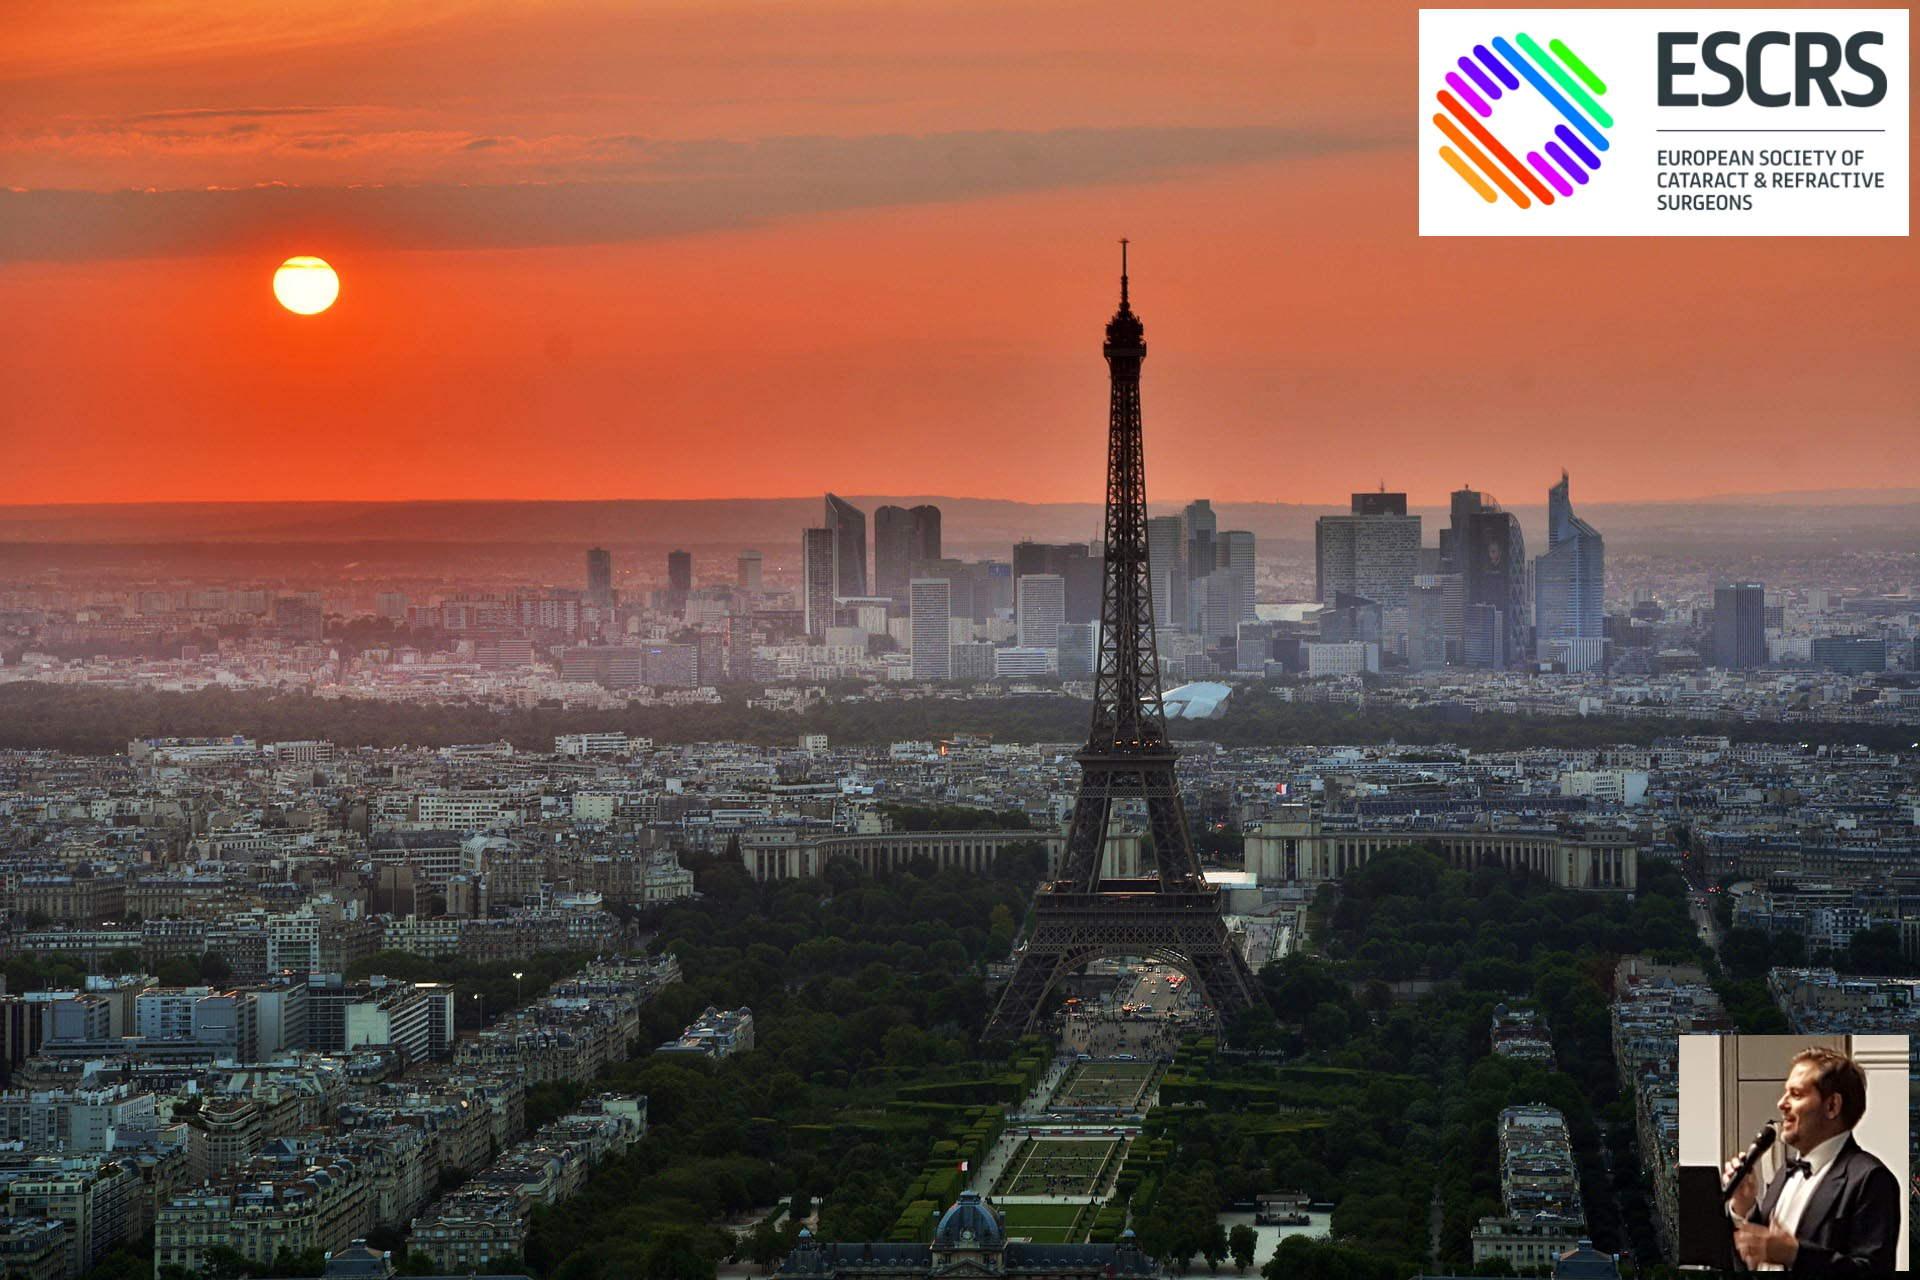 Oculomedica - Wykład w Paryżu